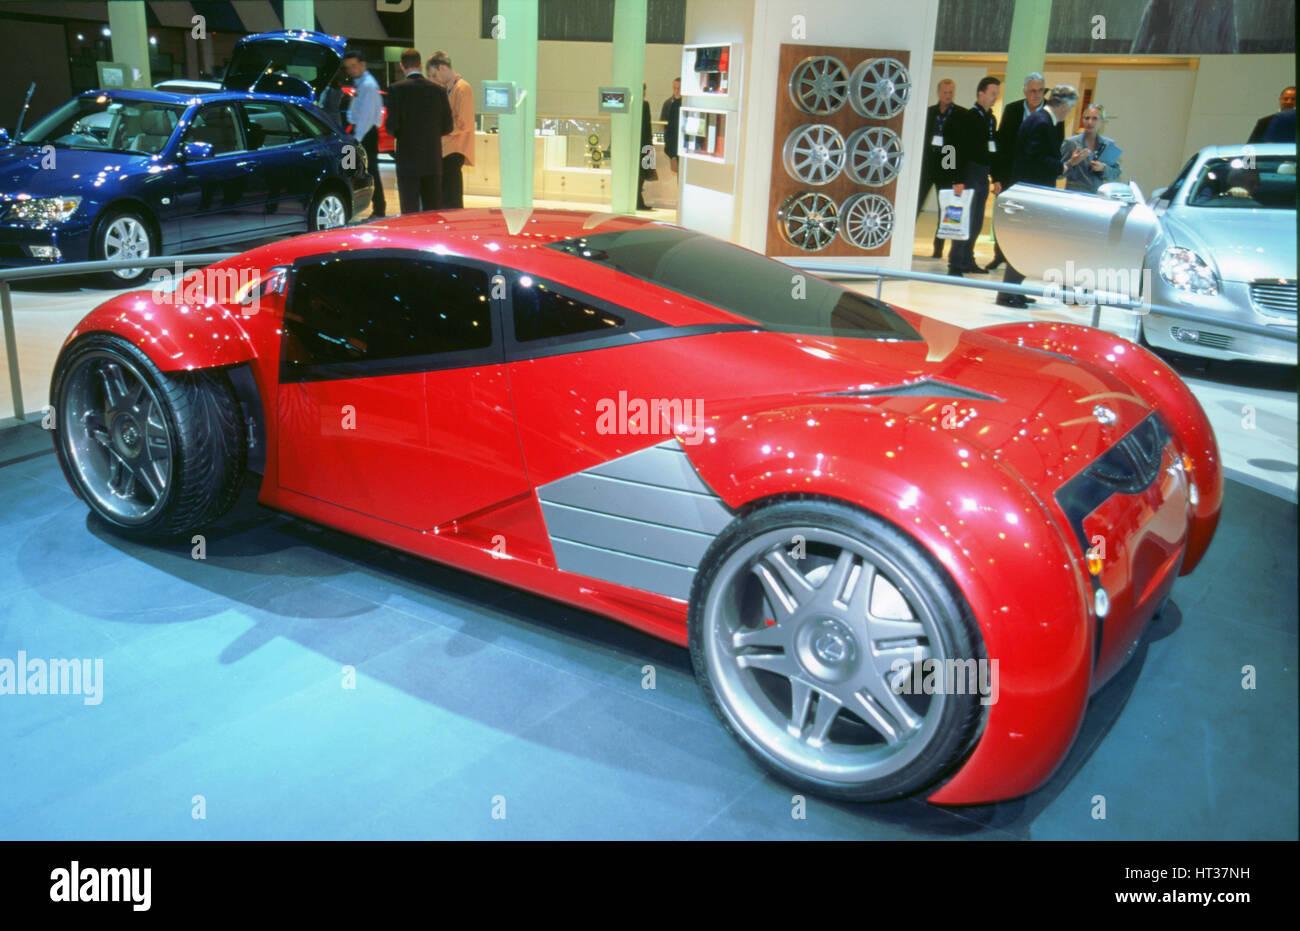 """2002 Lexus Elektro-Konzeptfahrzeug verwendet im Film """"Minority Report"""". Künstler: unbekannt. Stockbild"""